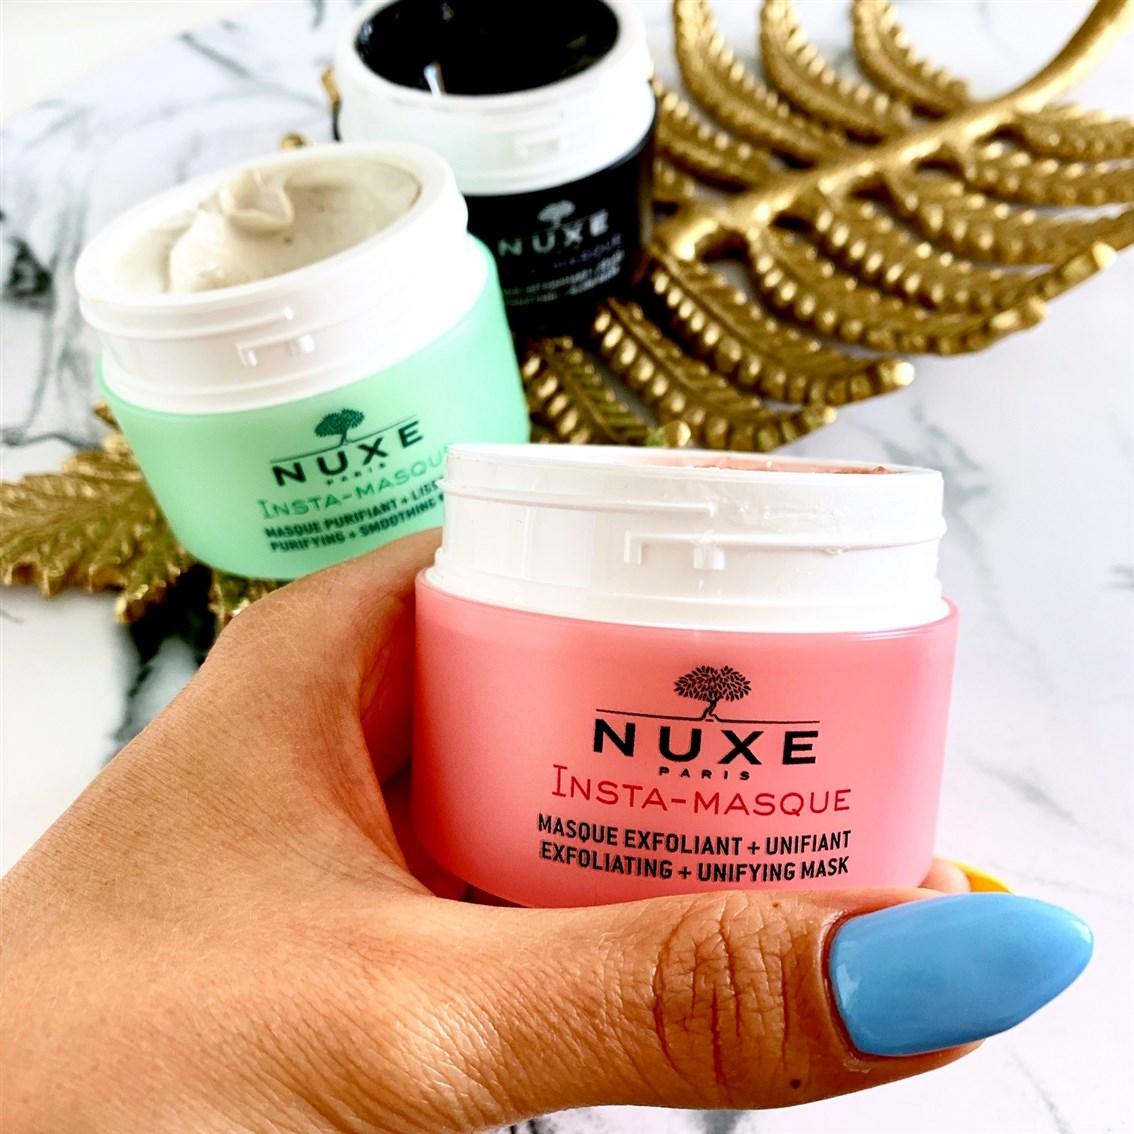 Nuxe Insta-Masque Złuszczająca maska ujednolicająca